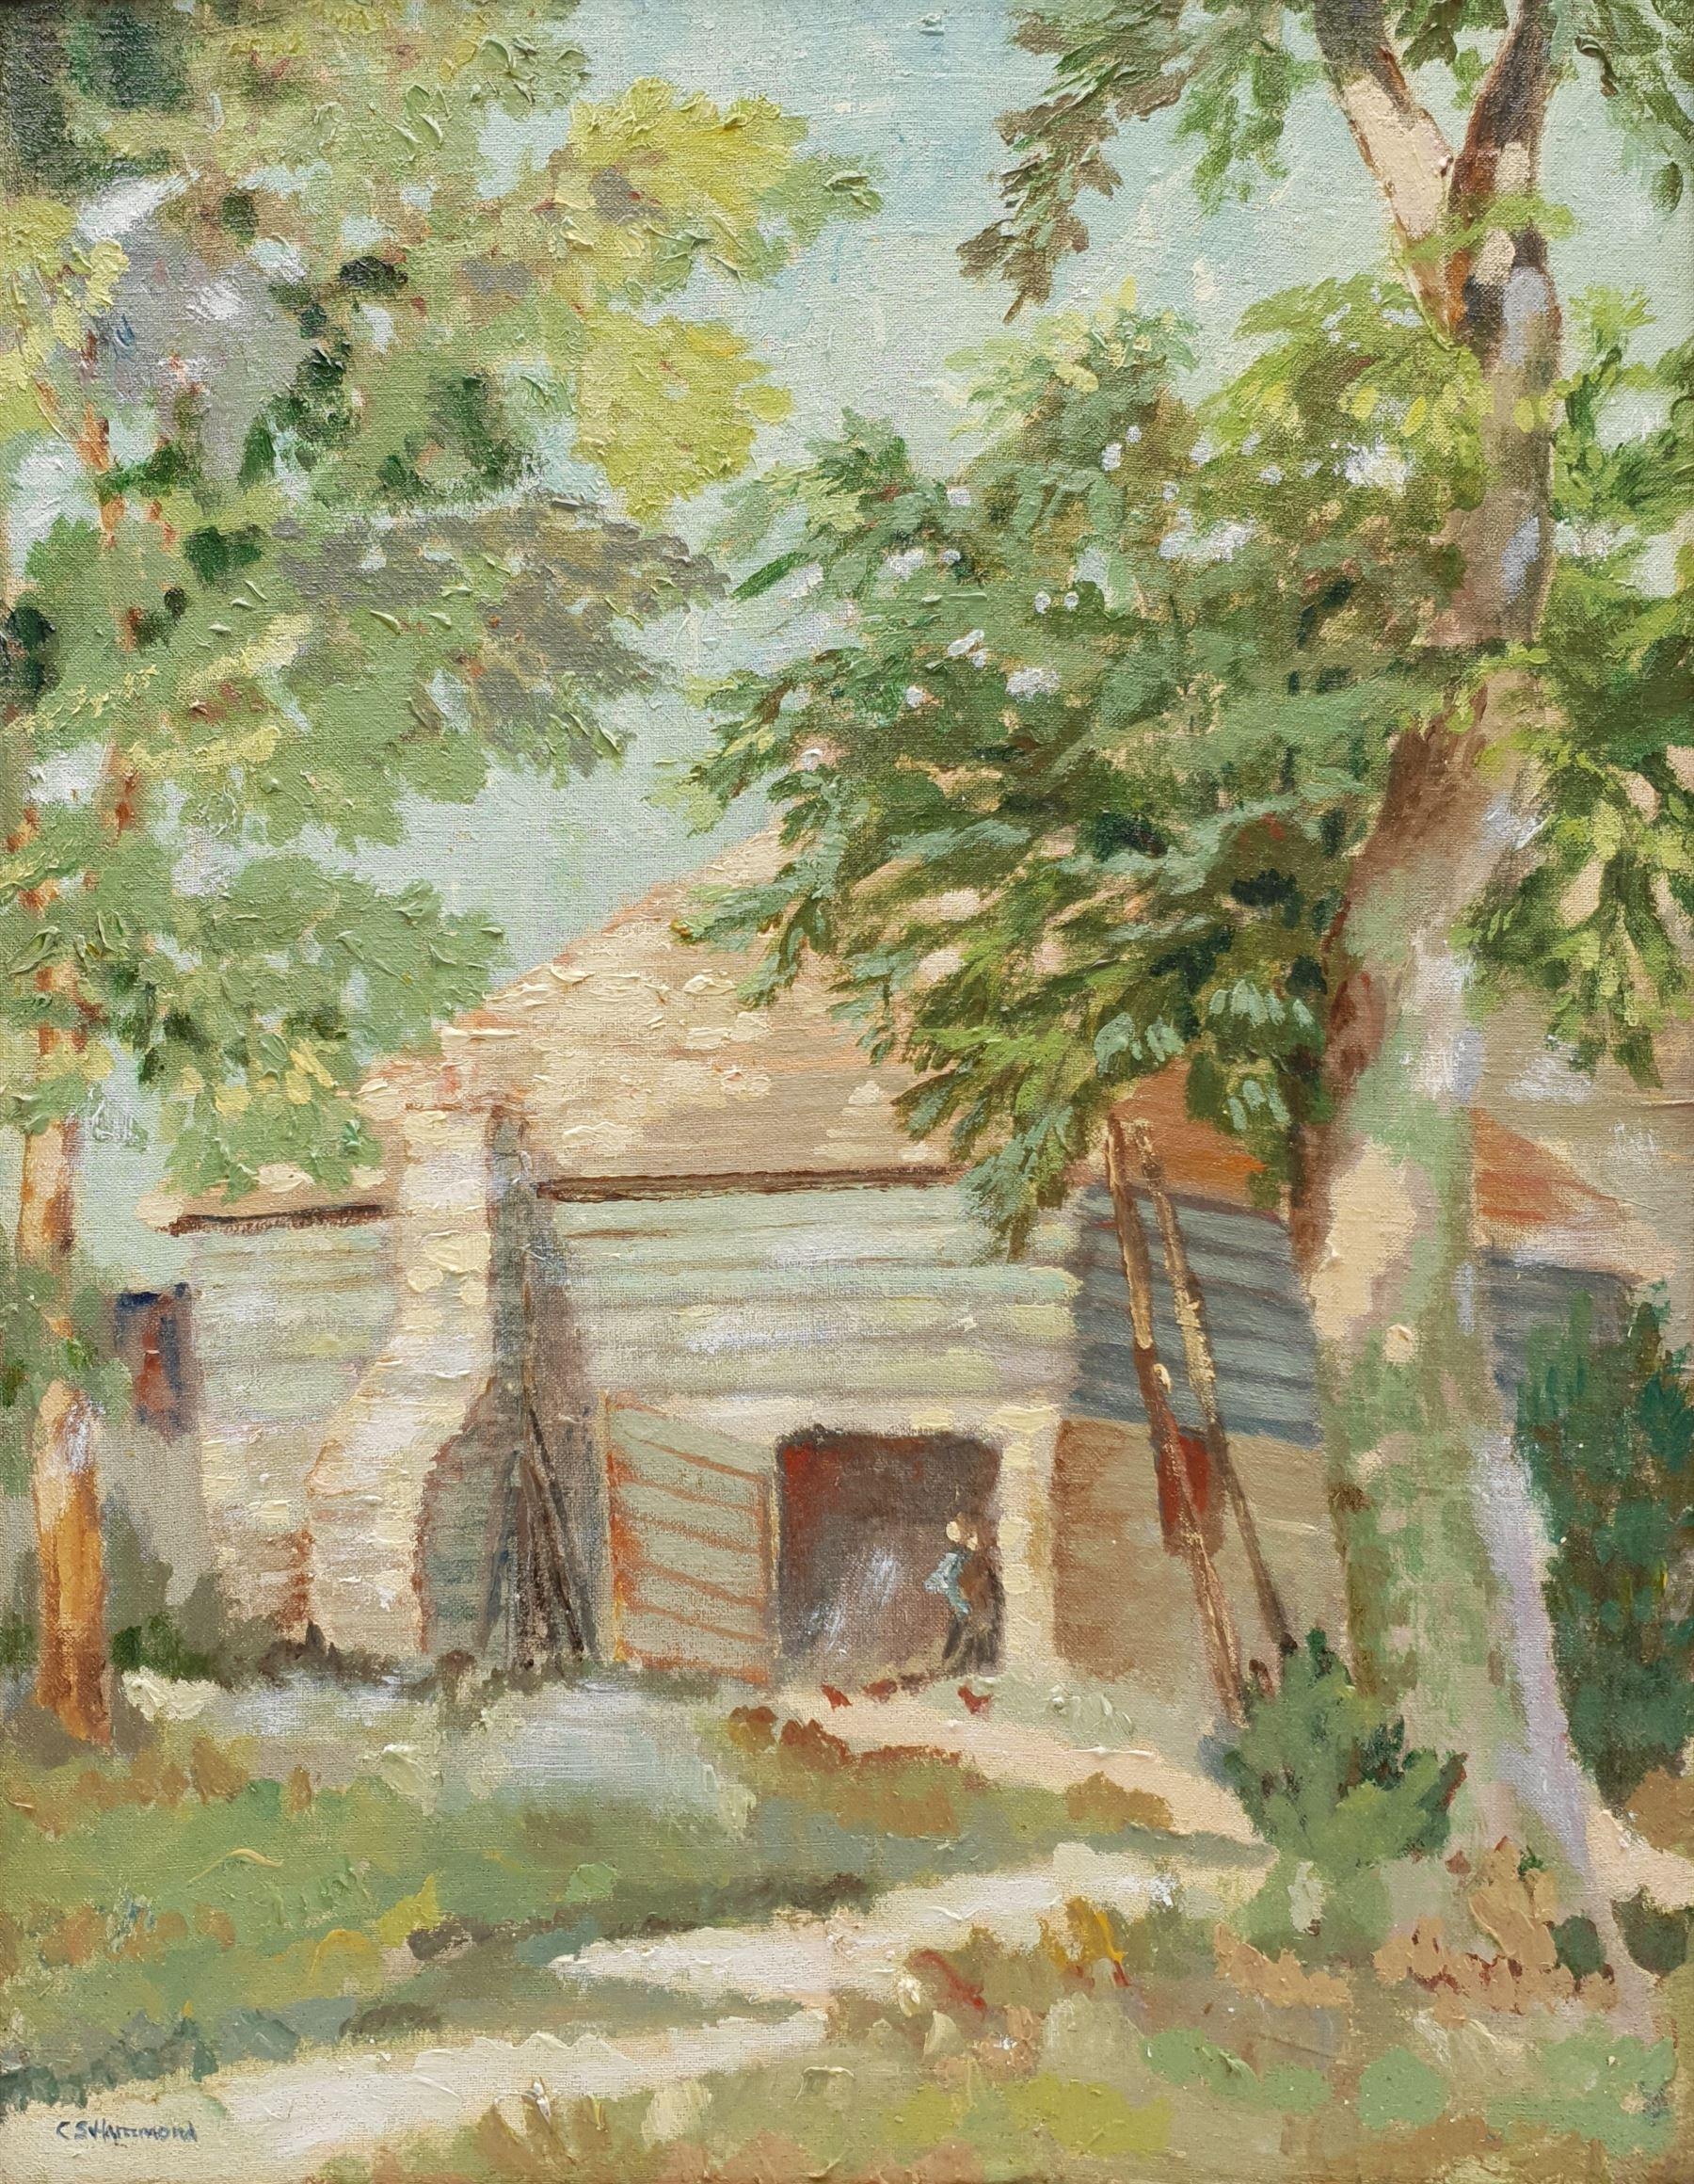 C S Hammond (Early 20th century): Sunny Farmstead